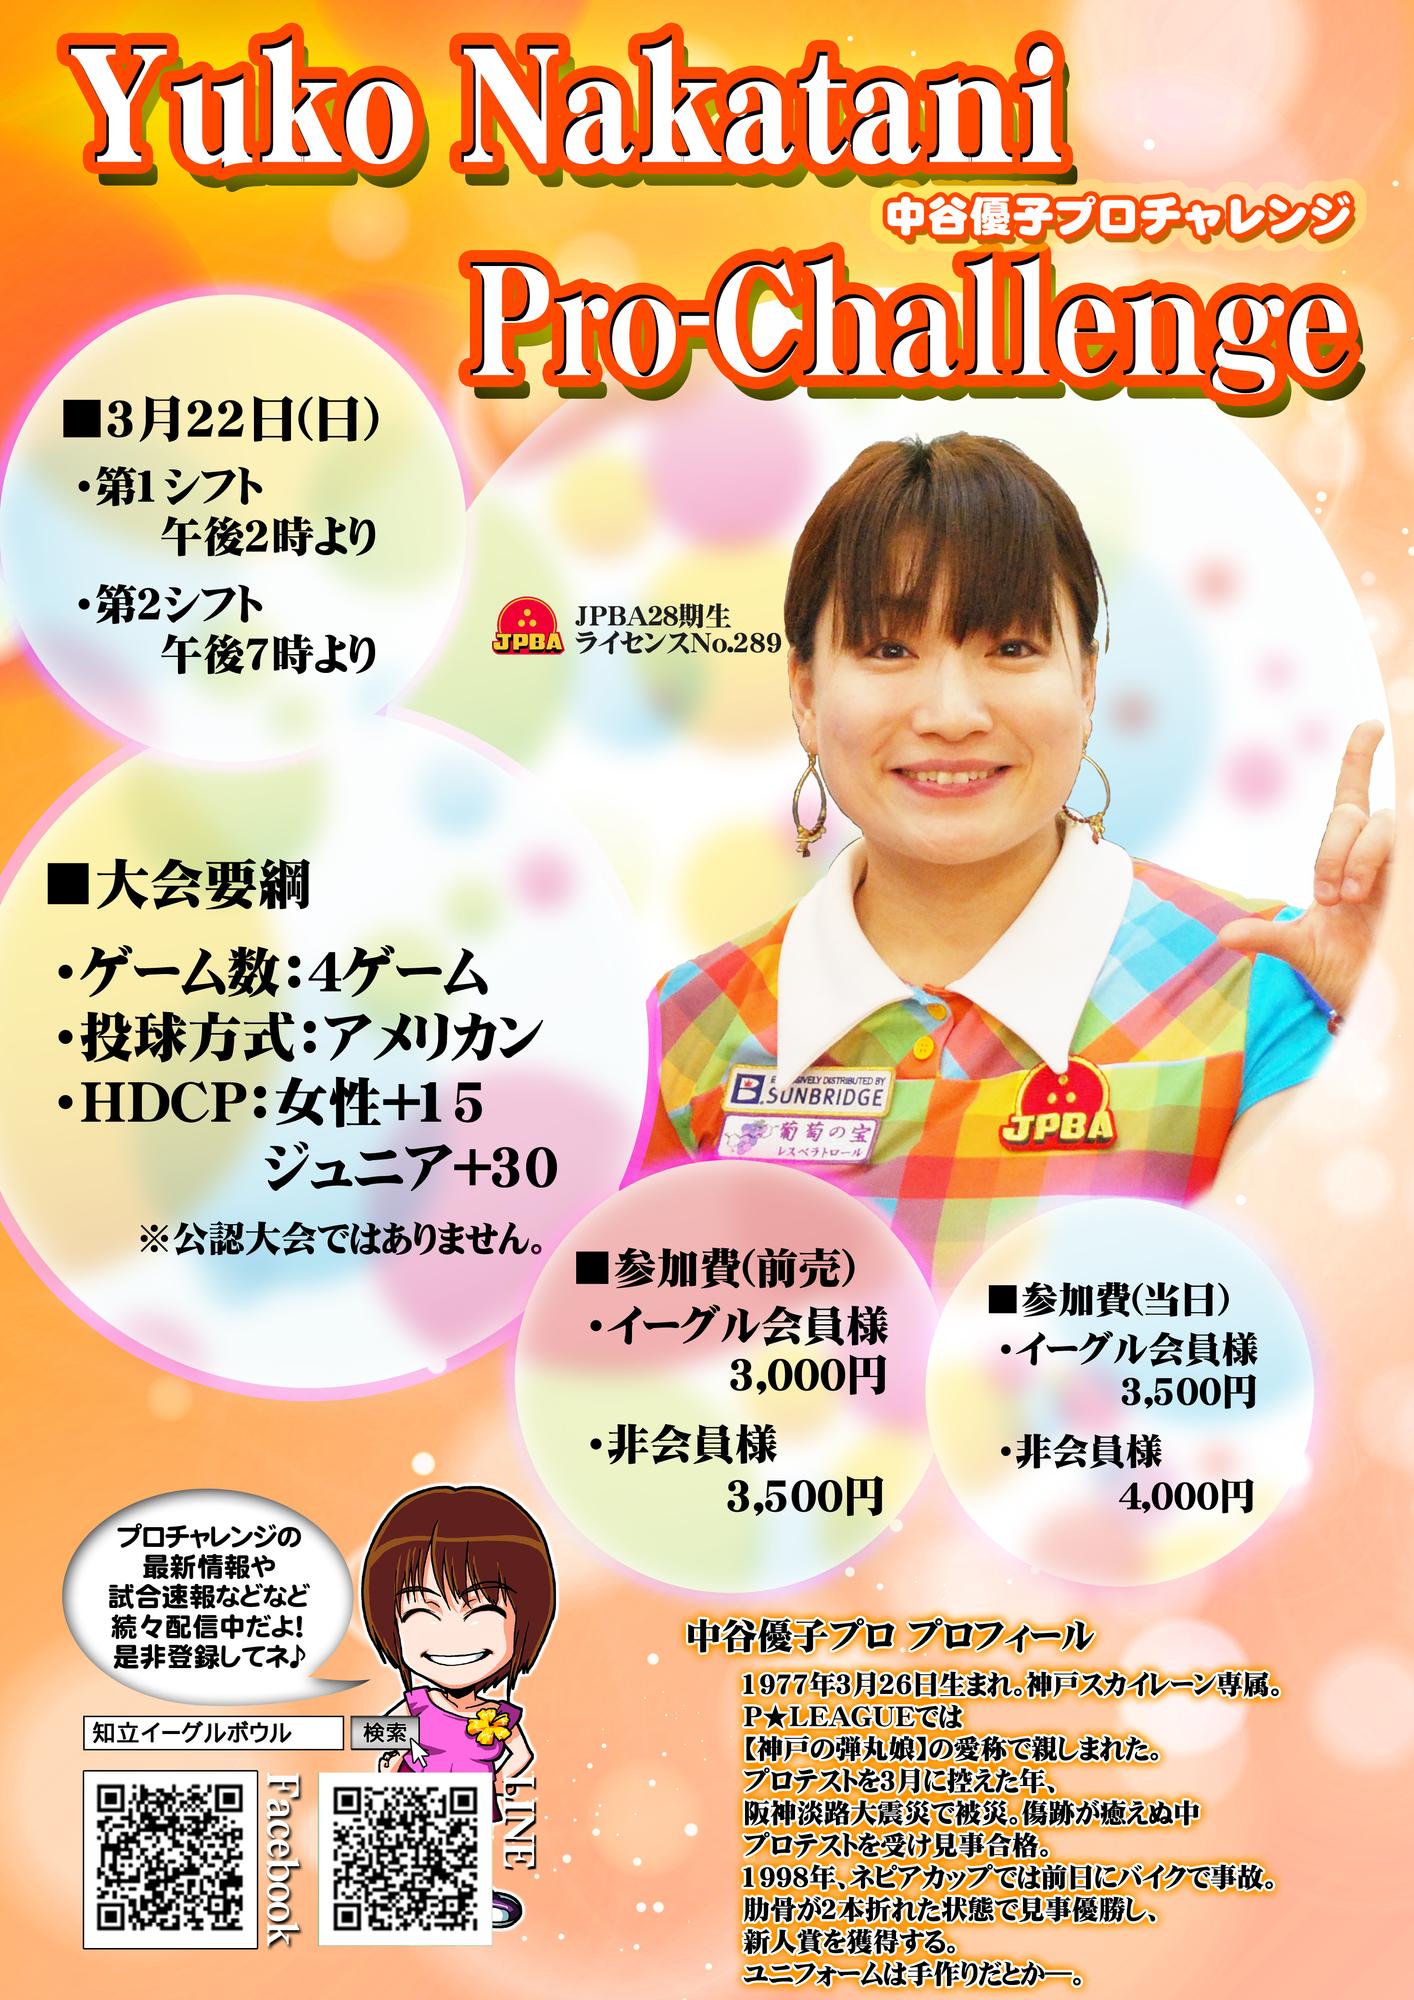 3/22 中谷優子プロチャレンジ